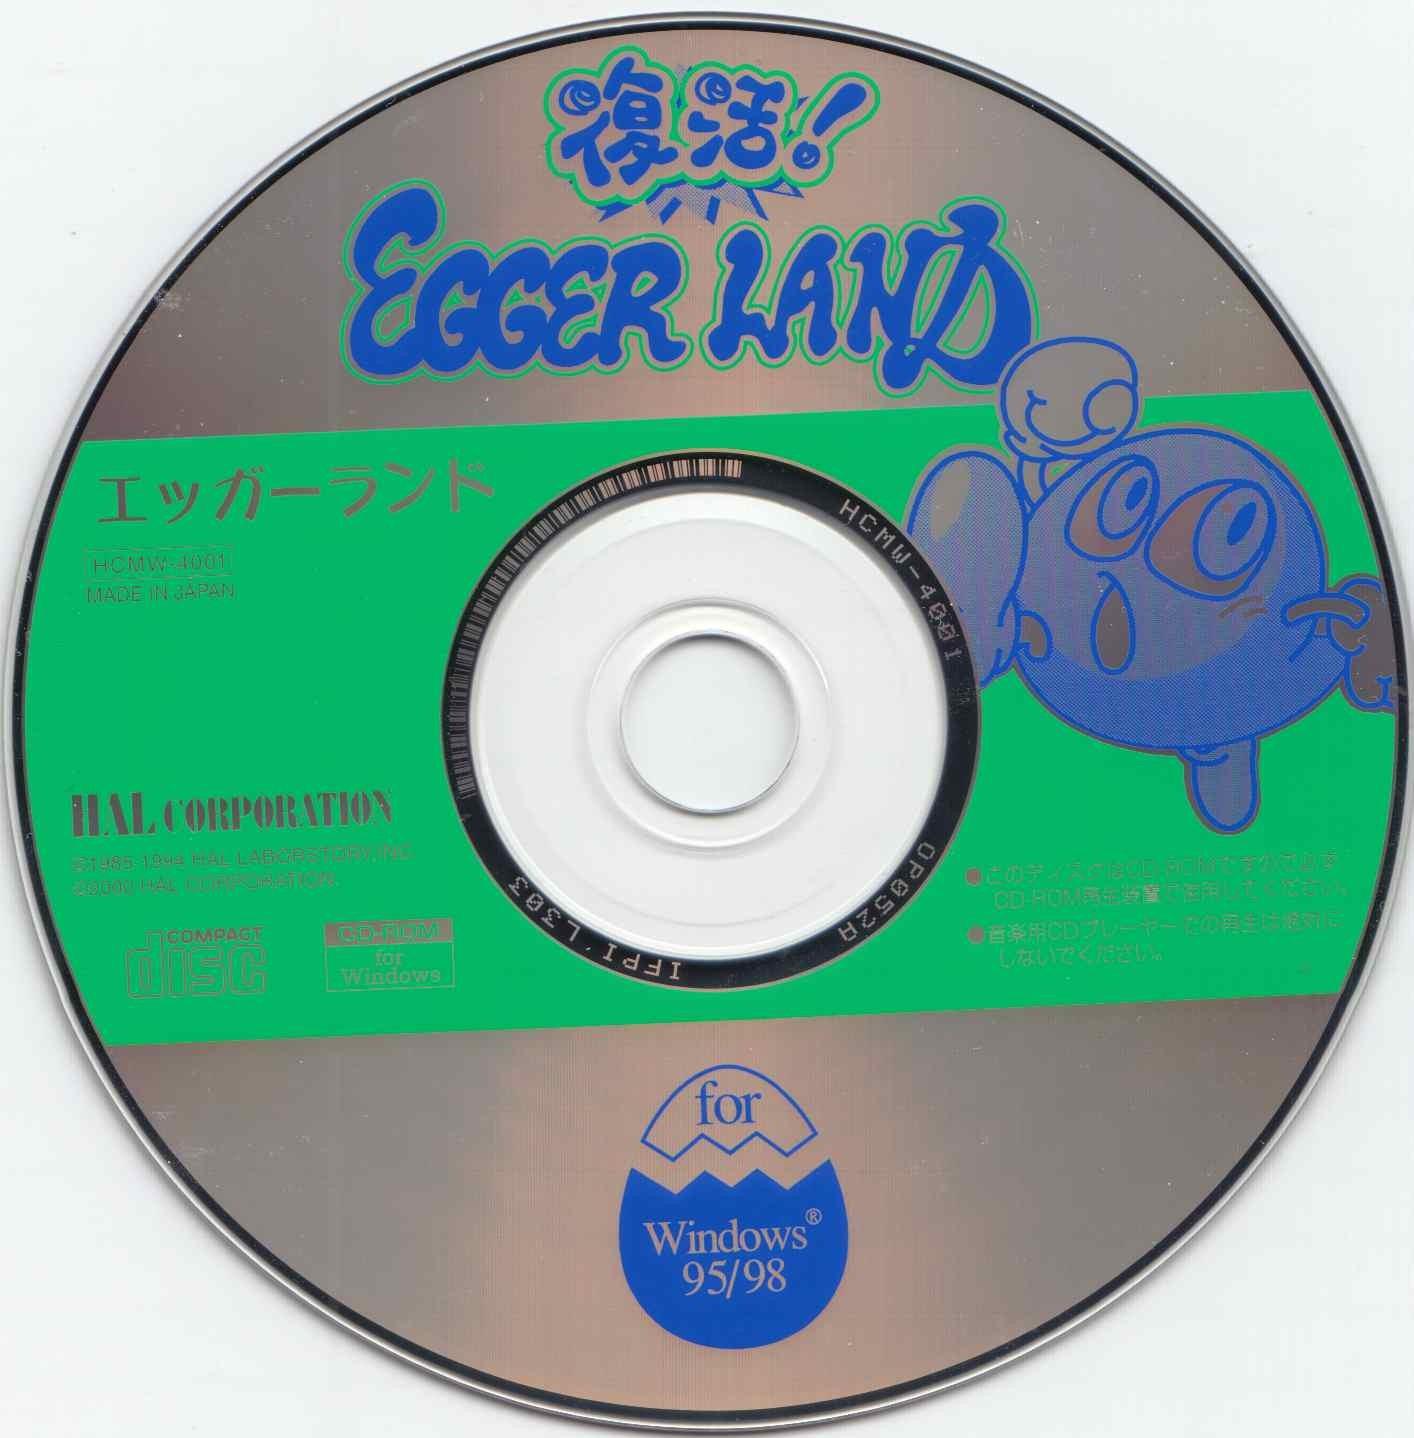 eggerland-scan1.jpg